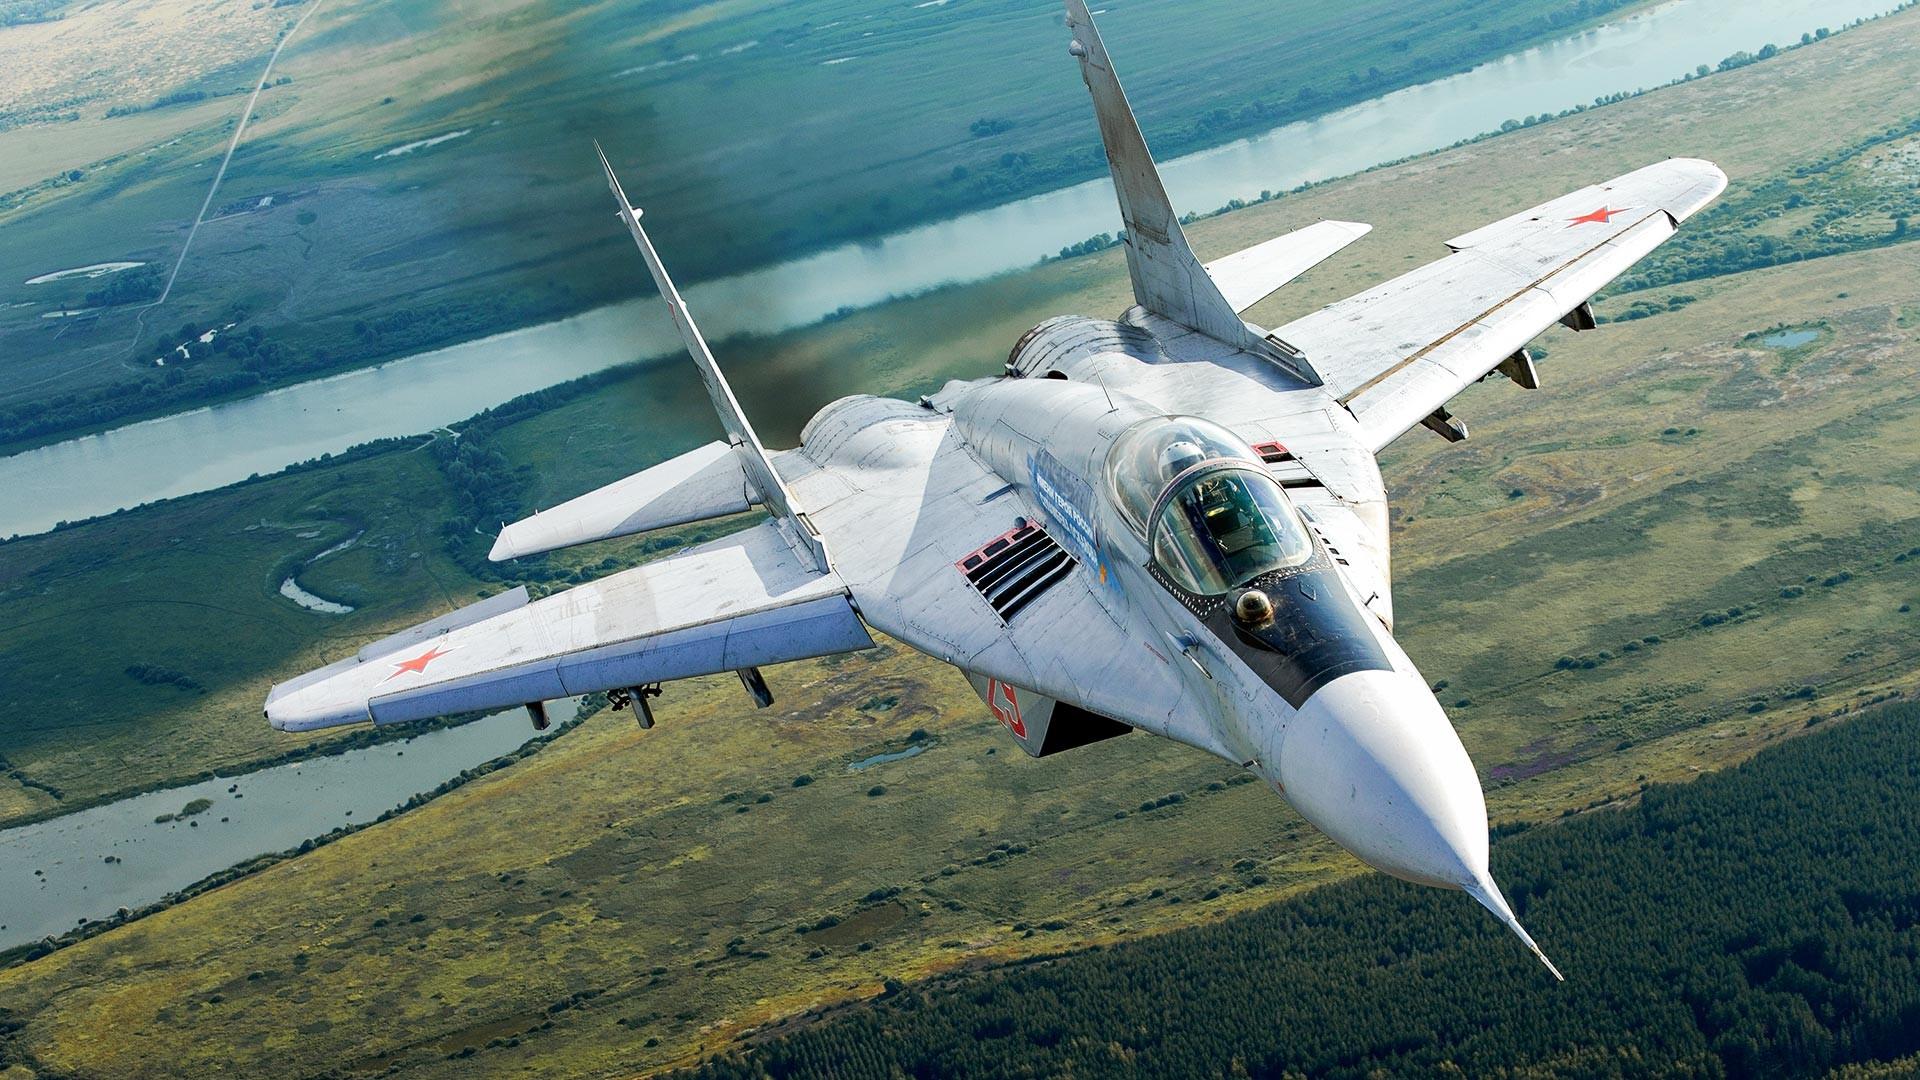 MiG-29S (9.13S)